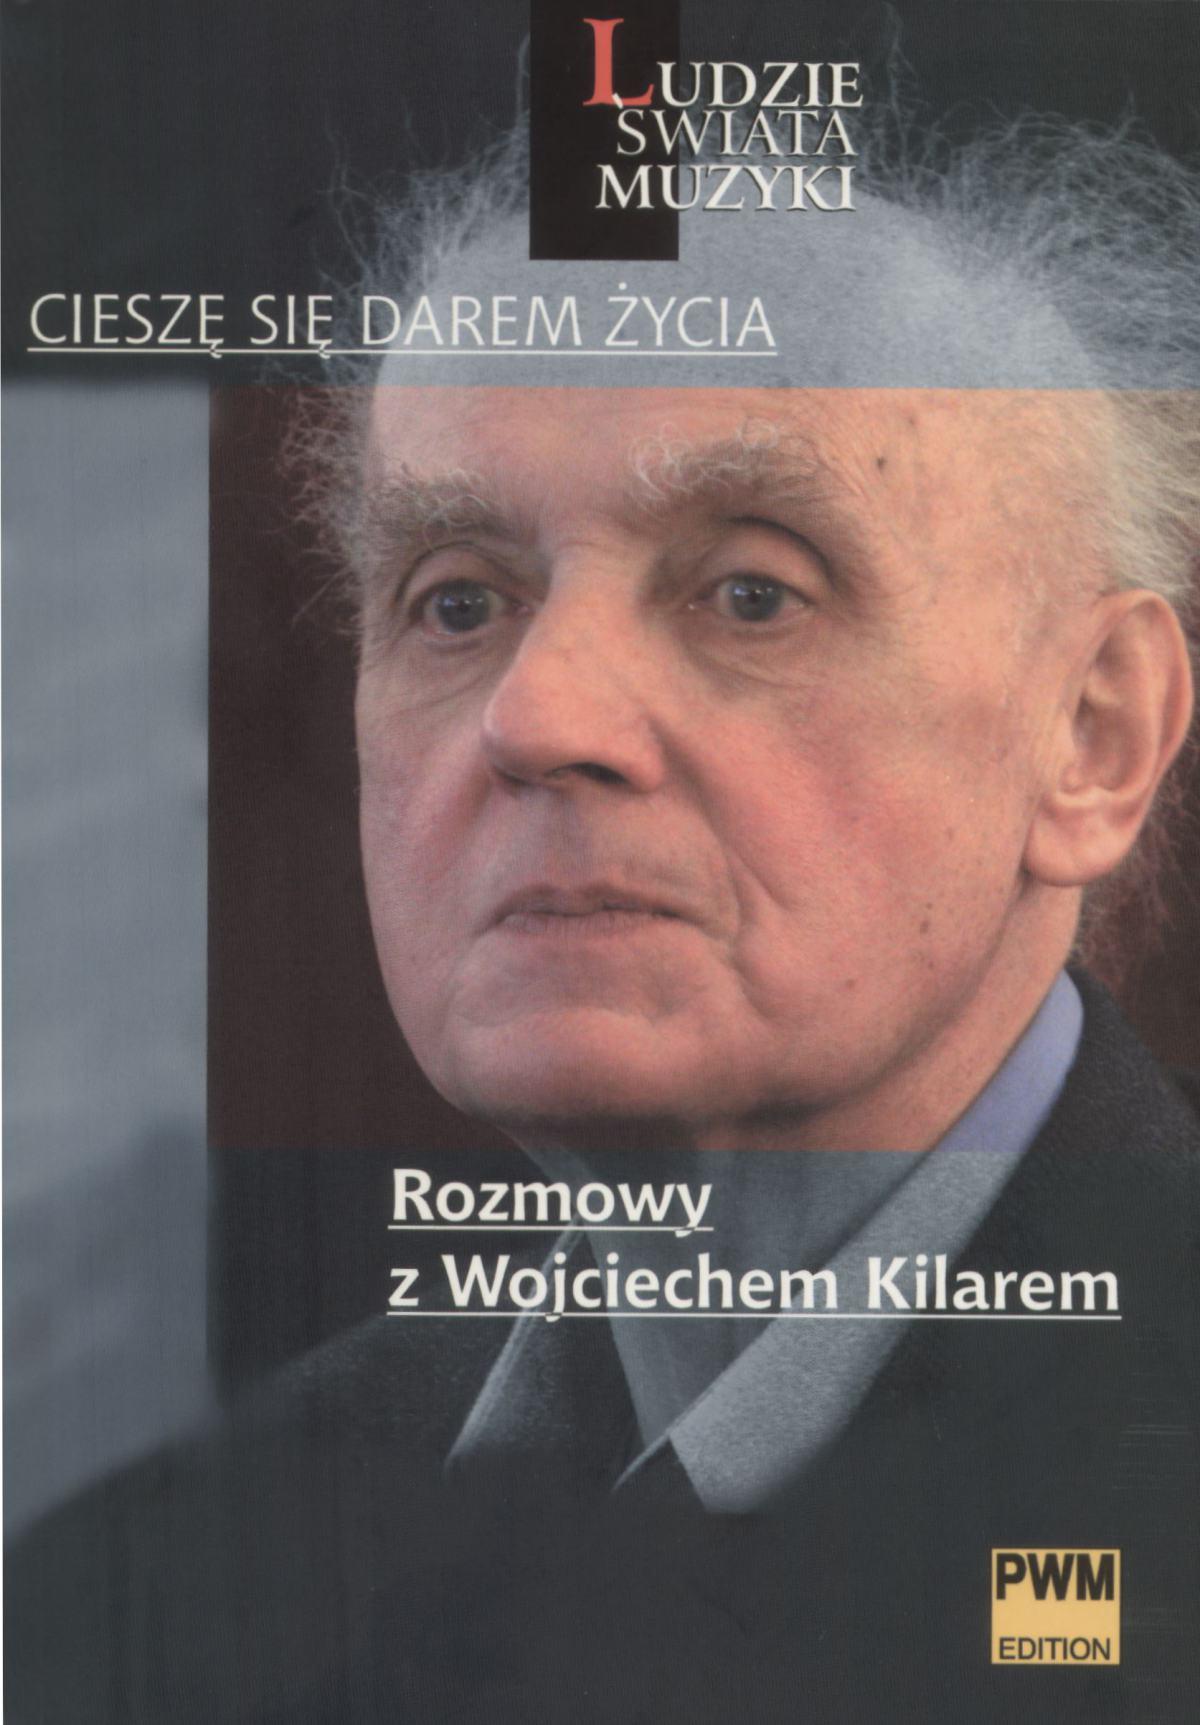 Cieszę się darem życia. Rozmowy z Wojciechem Kilarem - Ebook (Książka na Kindle) do pobrania w formacie MOBI